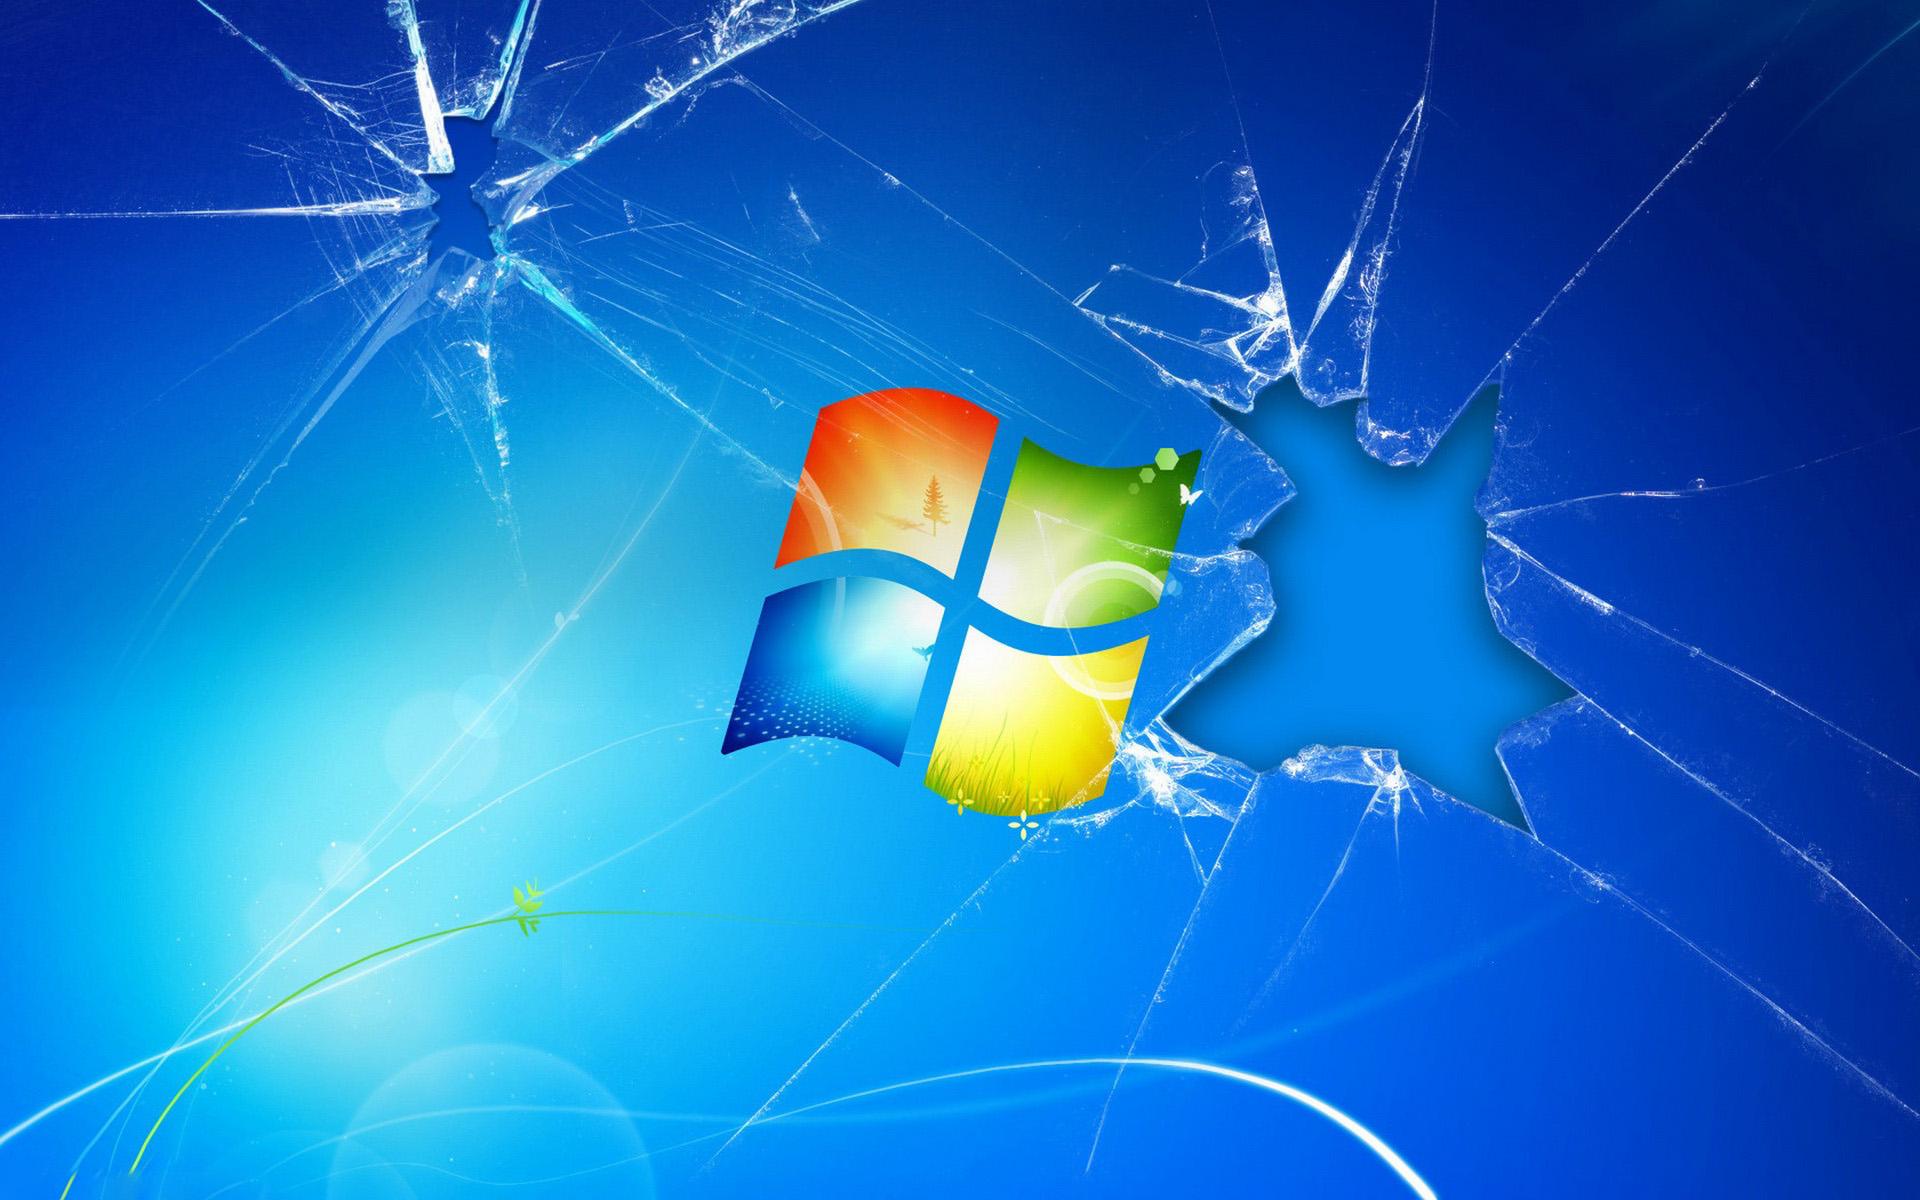 破碎屏幕动漫壁纸_电脑屏幕的壁纸,破碎的感觉。_百度知道